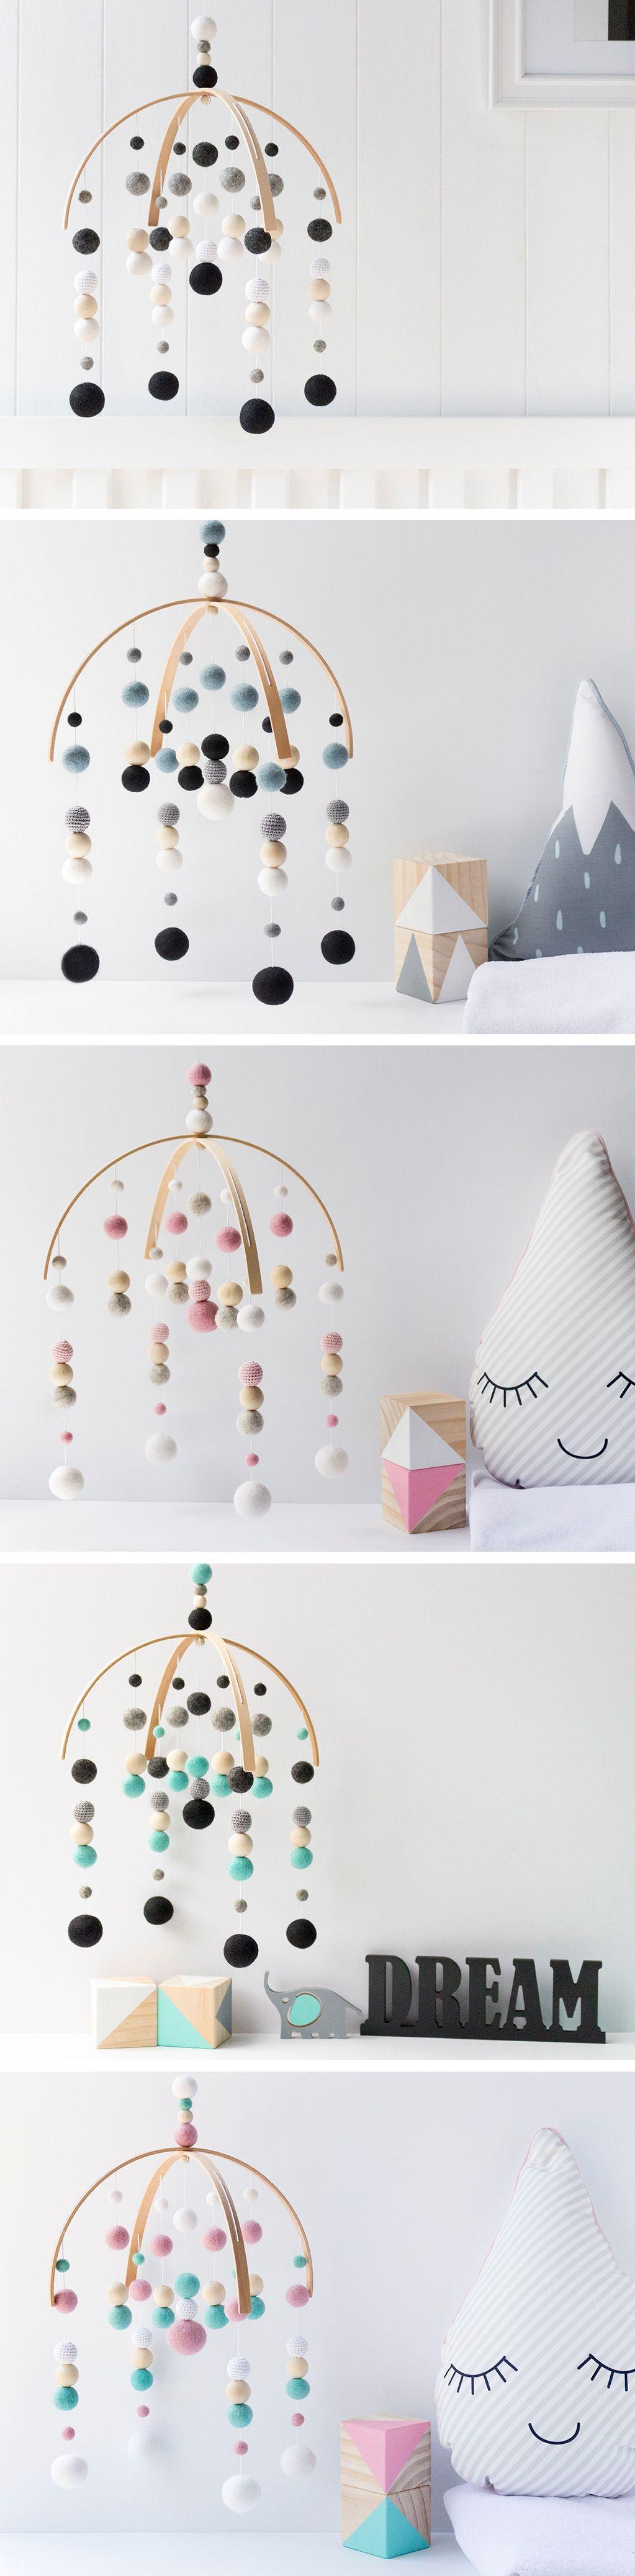 baby crib mobile nursery cot mobile kids room decor nursery felt ball mobile nursery decor. Black Bedroom Furniture Sets. Home Design Ideas